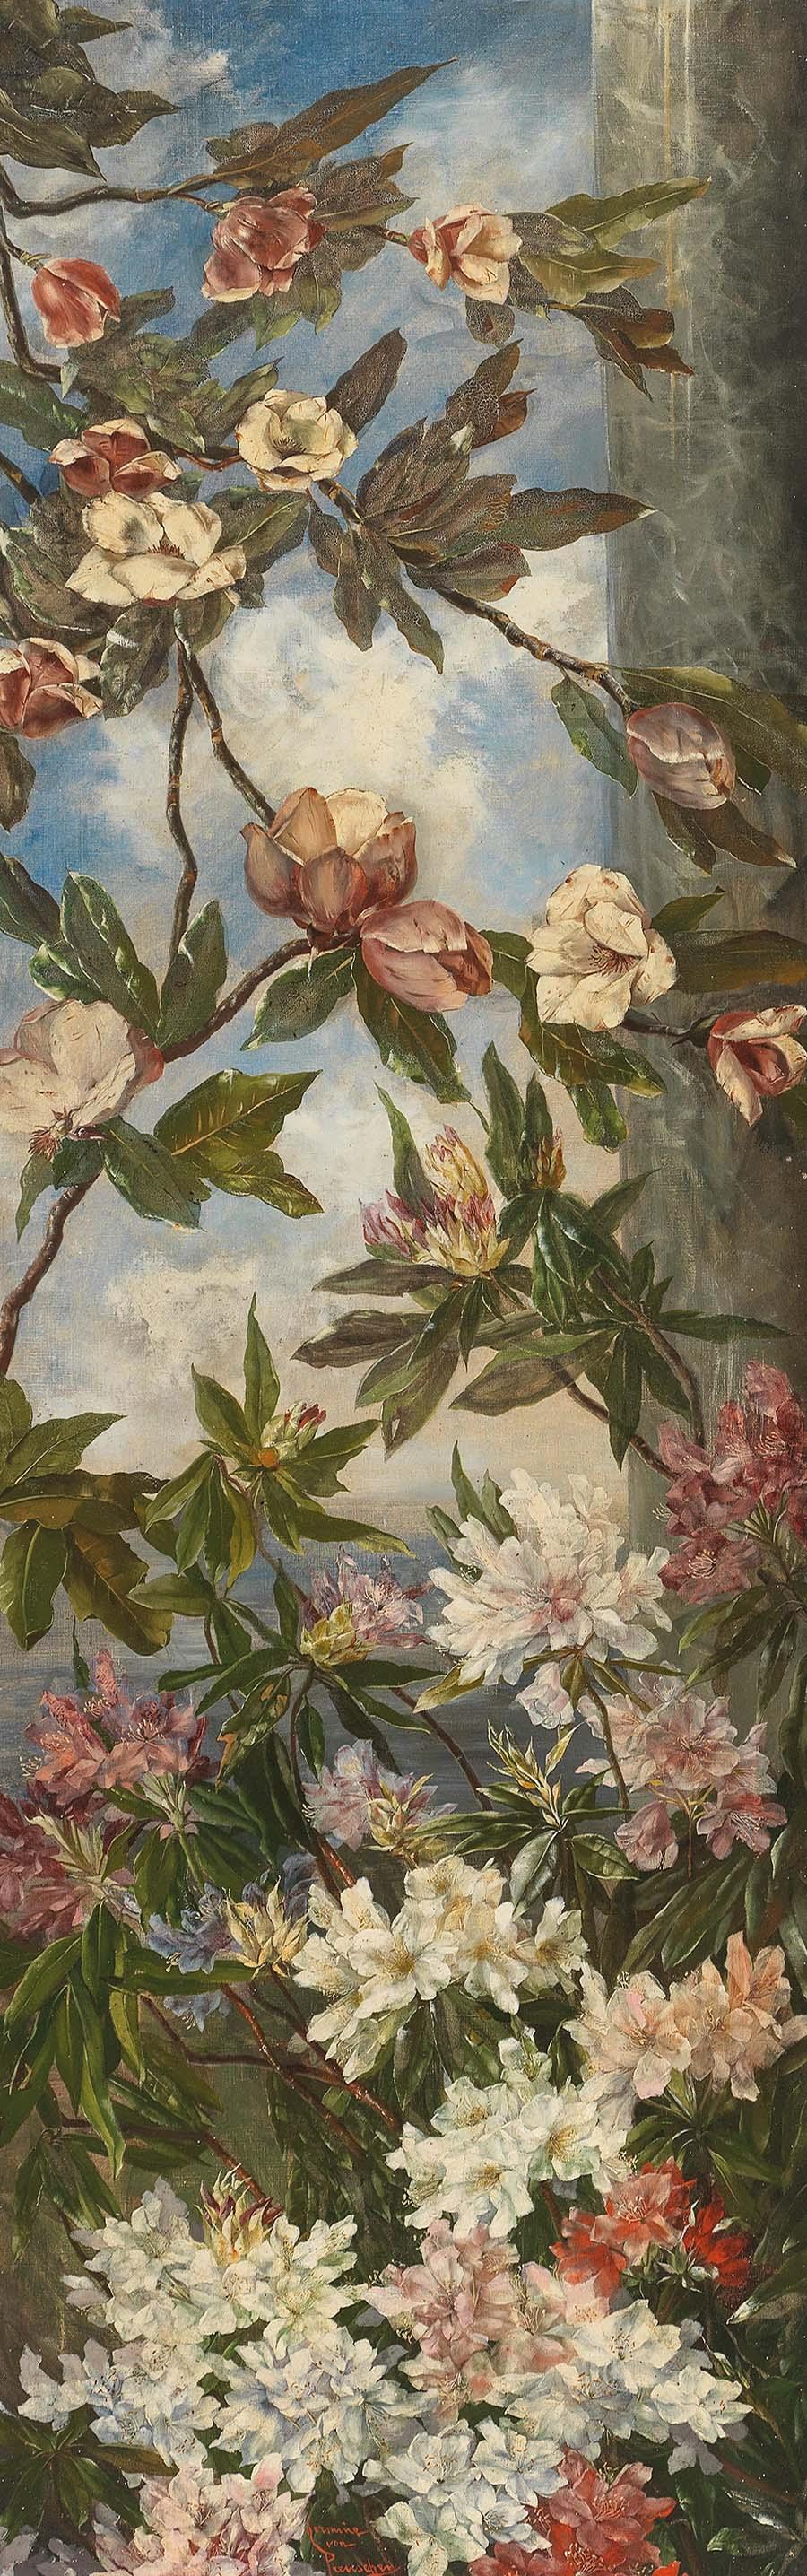 Hermine Freiin von Preuschen (1854-1918) Magnolien und Rhododendron, Öl auf Leinwand, 200 x 66 cm (Gegenstück zu Los 98) Schätzwert € 3.000 – 4.000